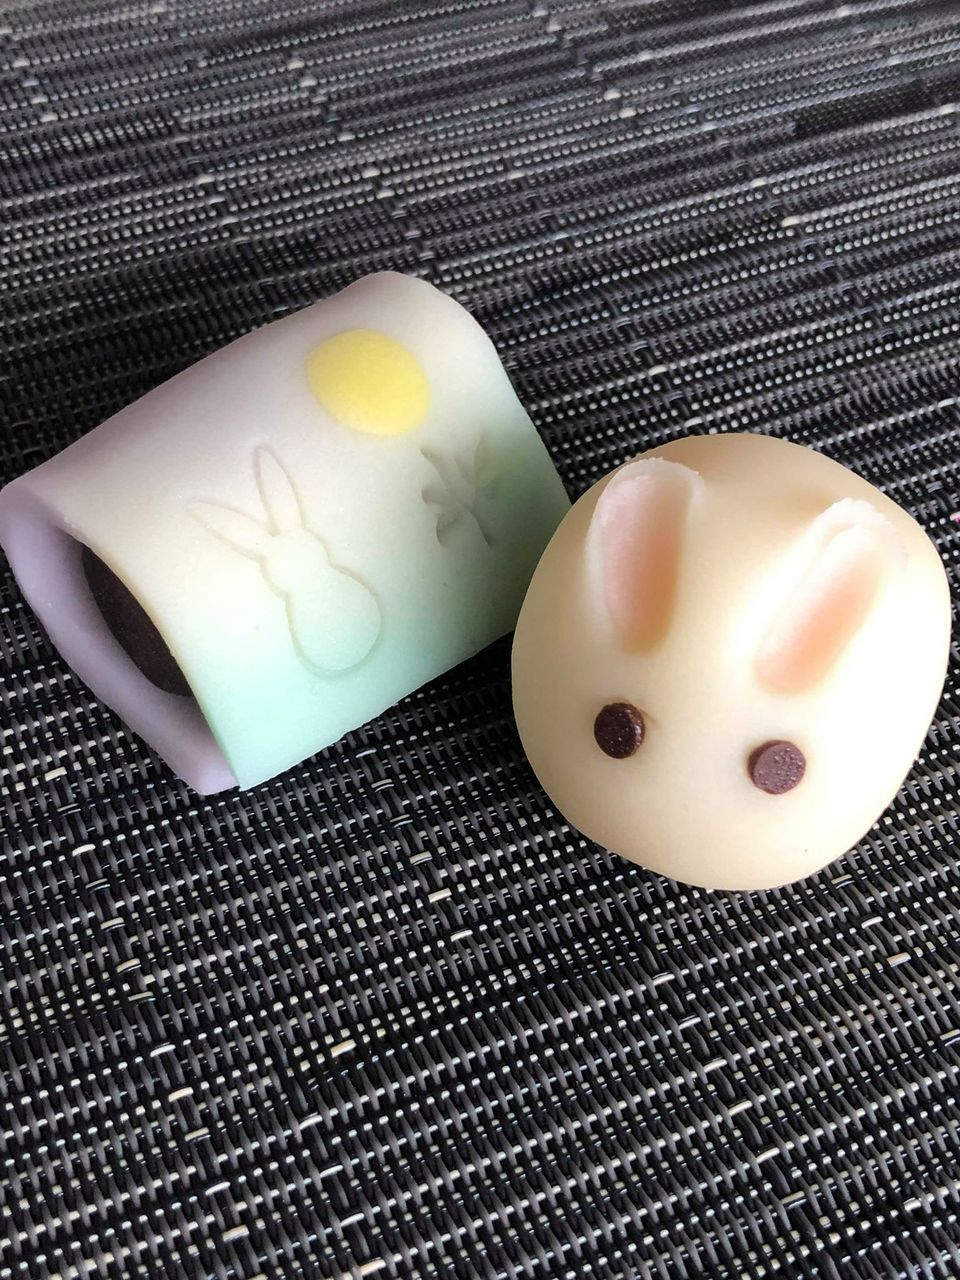 【たまプラーザ】お月見満月フェア-お月見和菓子つくり-|2019年9月15日(日)